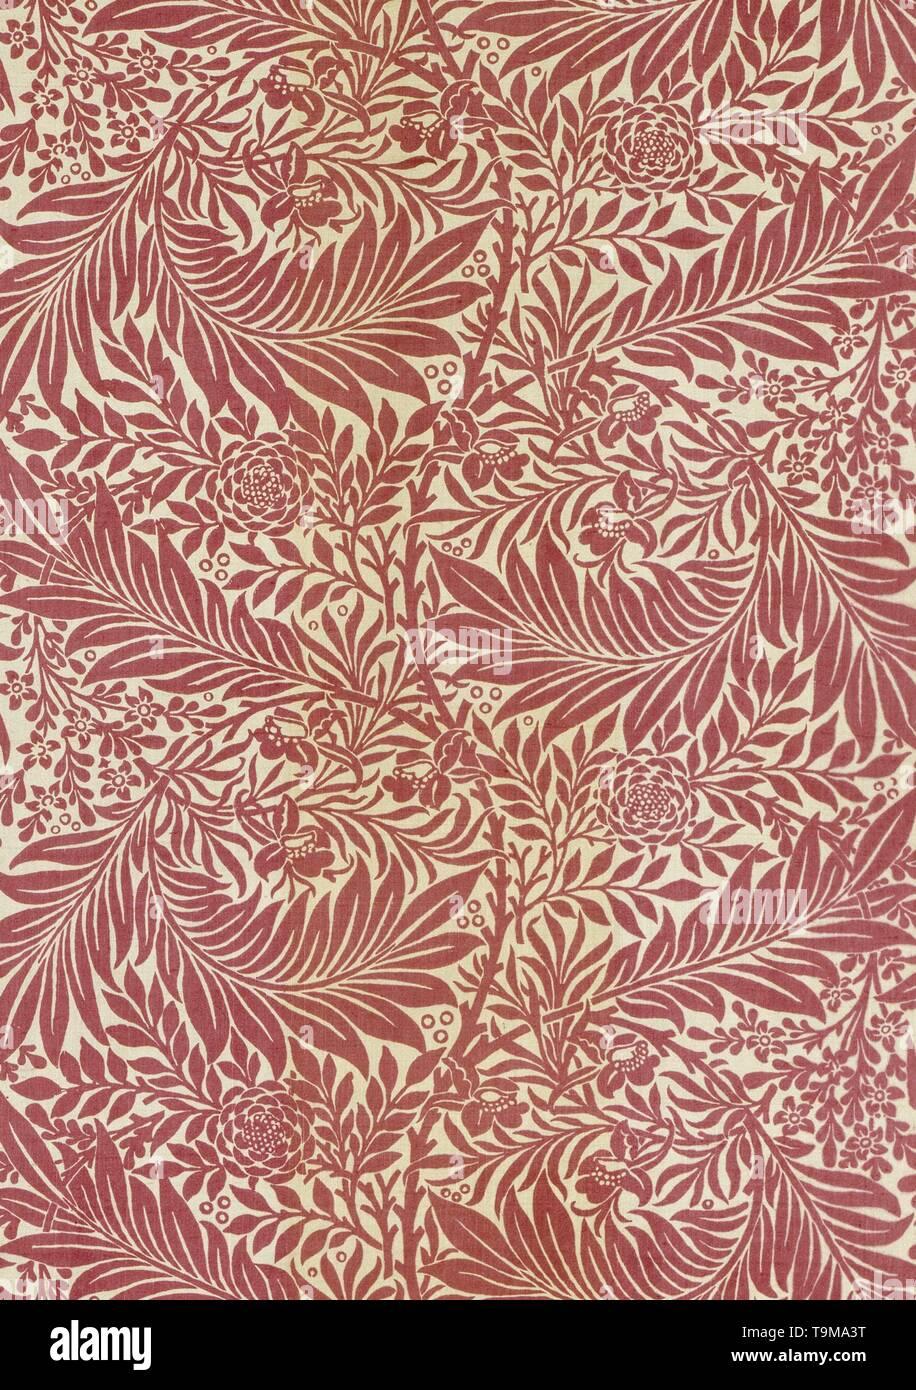 Decorative fabric. Museum: The William Morris Society. Author: Morris, William, Morris Tapestry Works. Stock Photo